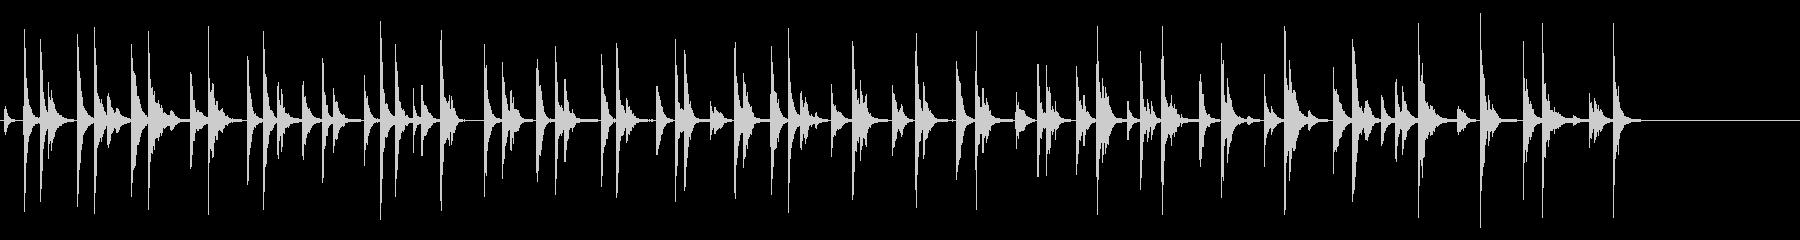 ミディアムブラスハンドベル:ロング...の未再生の波形